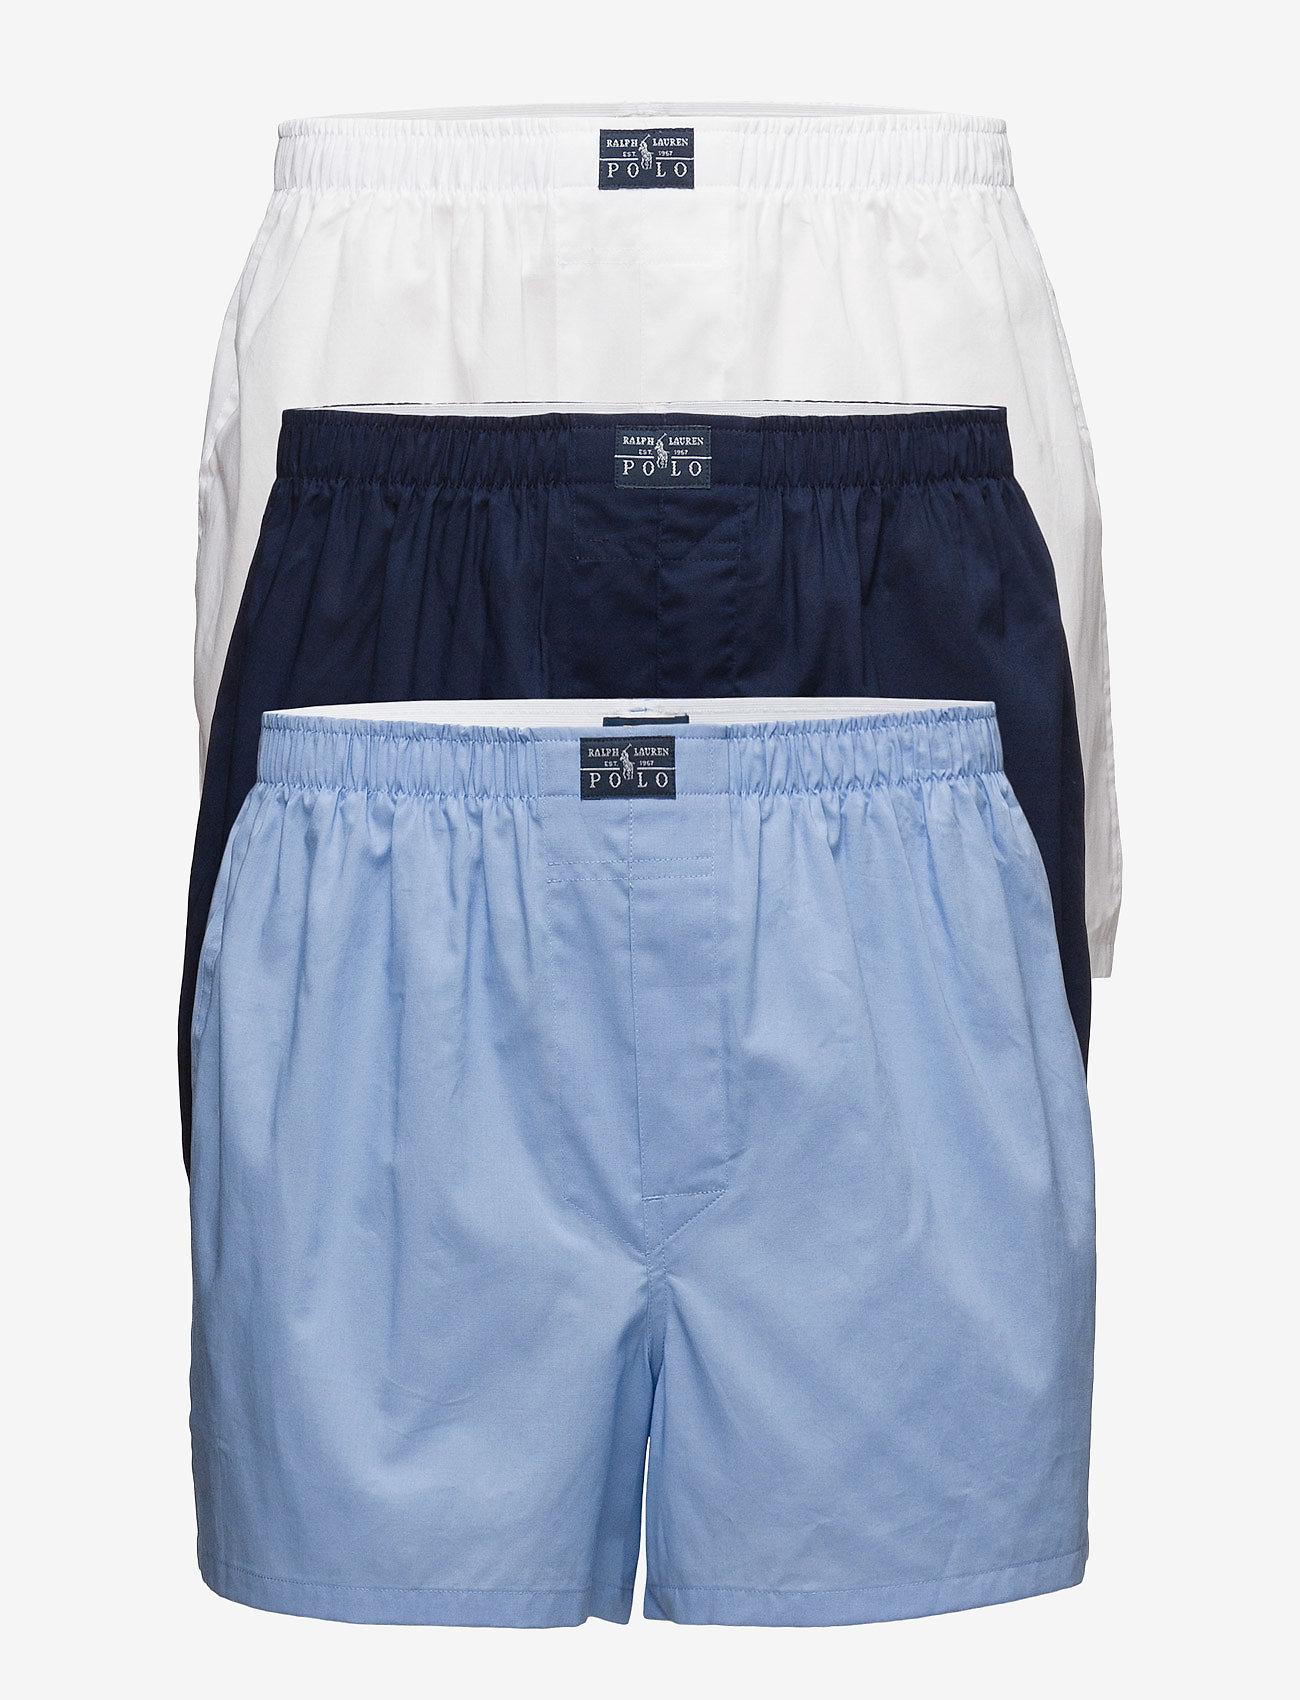 Polo Ralph Lauren Underwear - Woven Cotton Boxer 3-Pack - boxershorts - wh/blue/nvy - 0